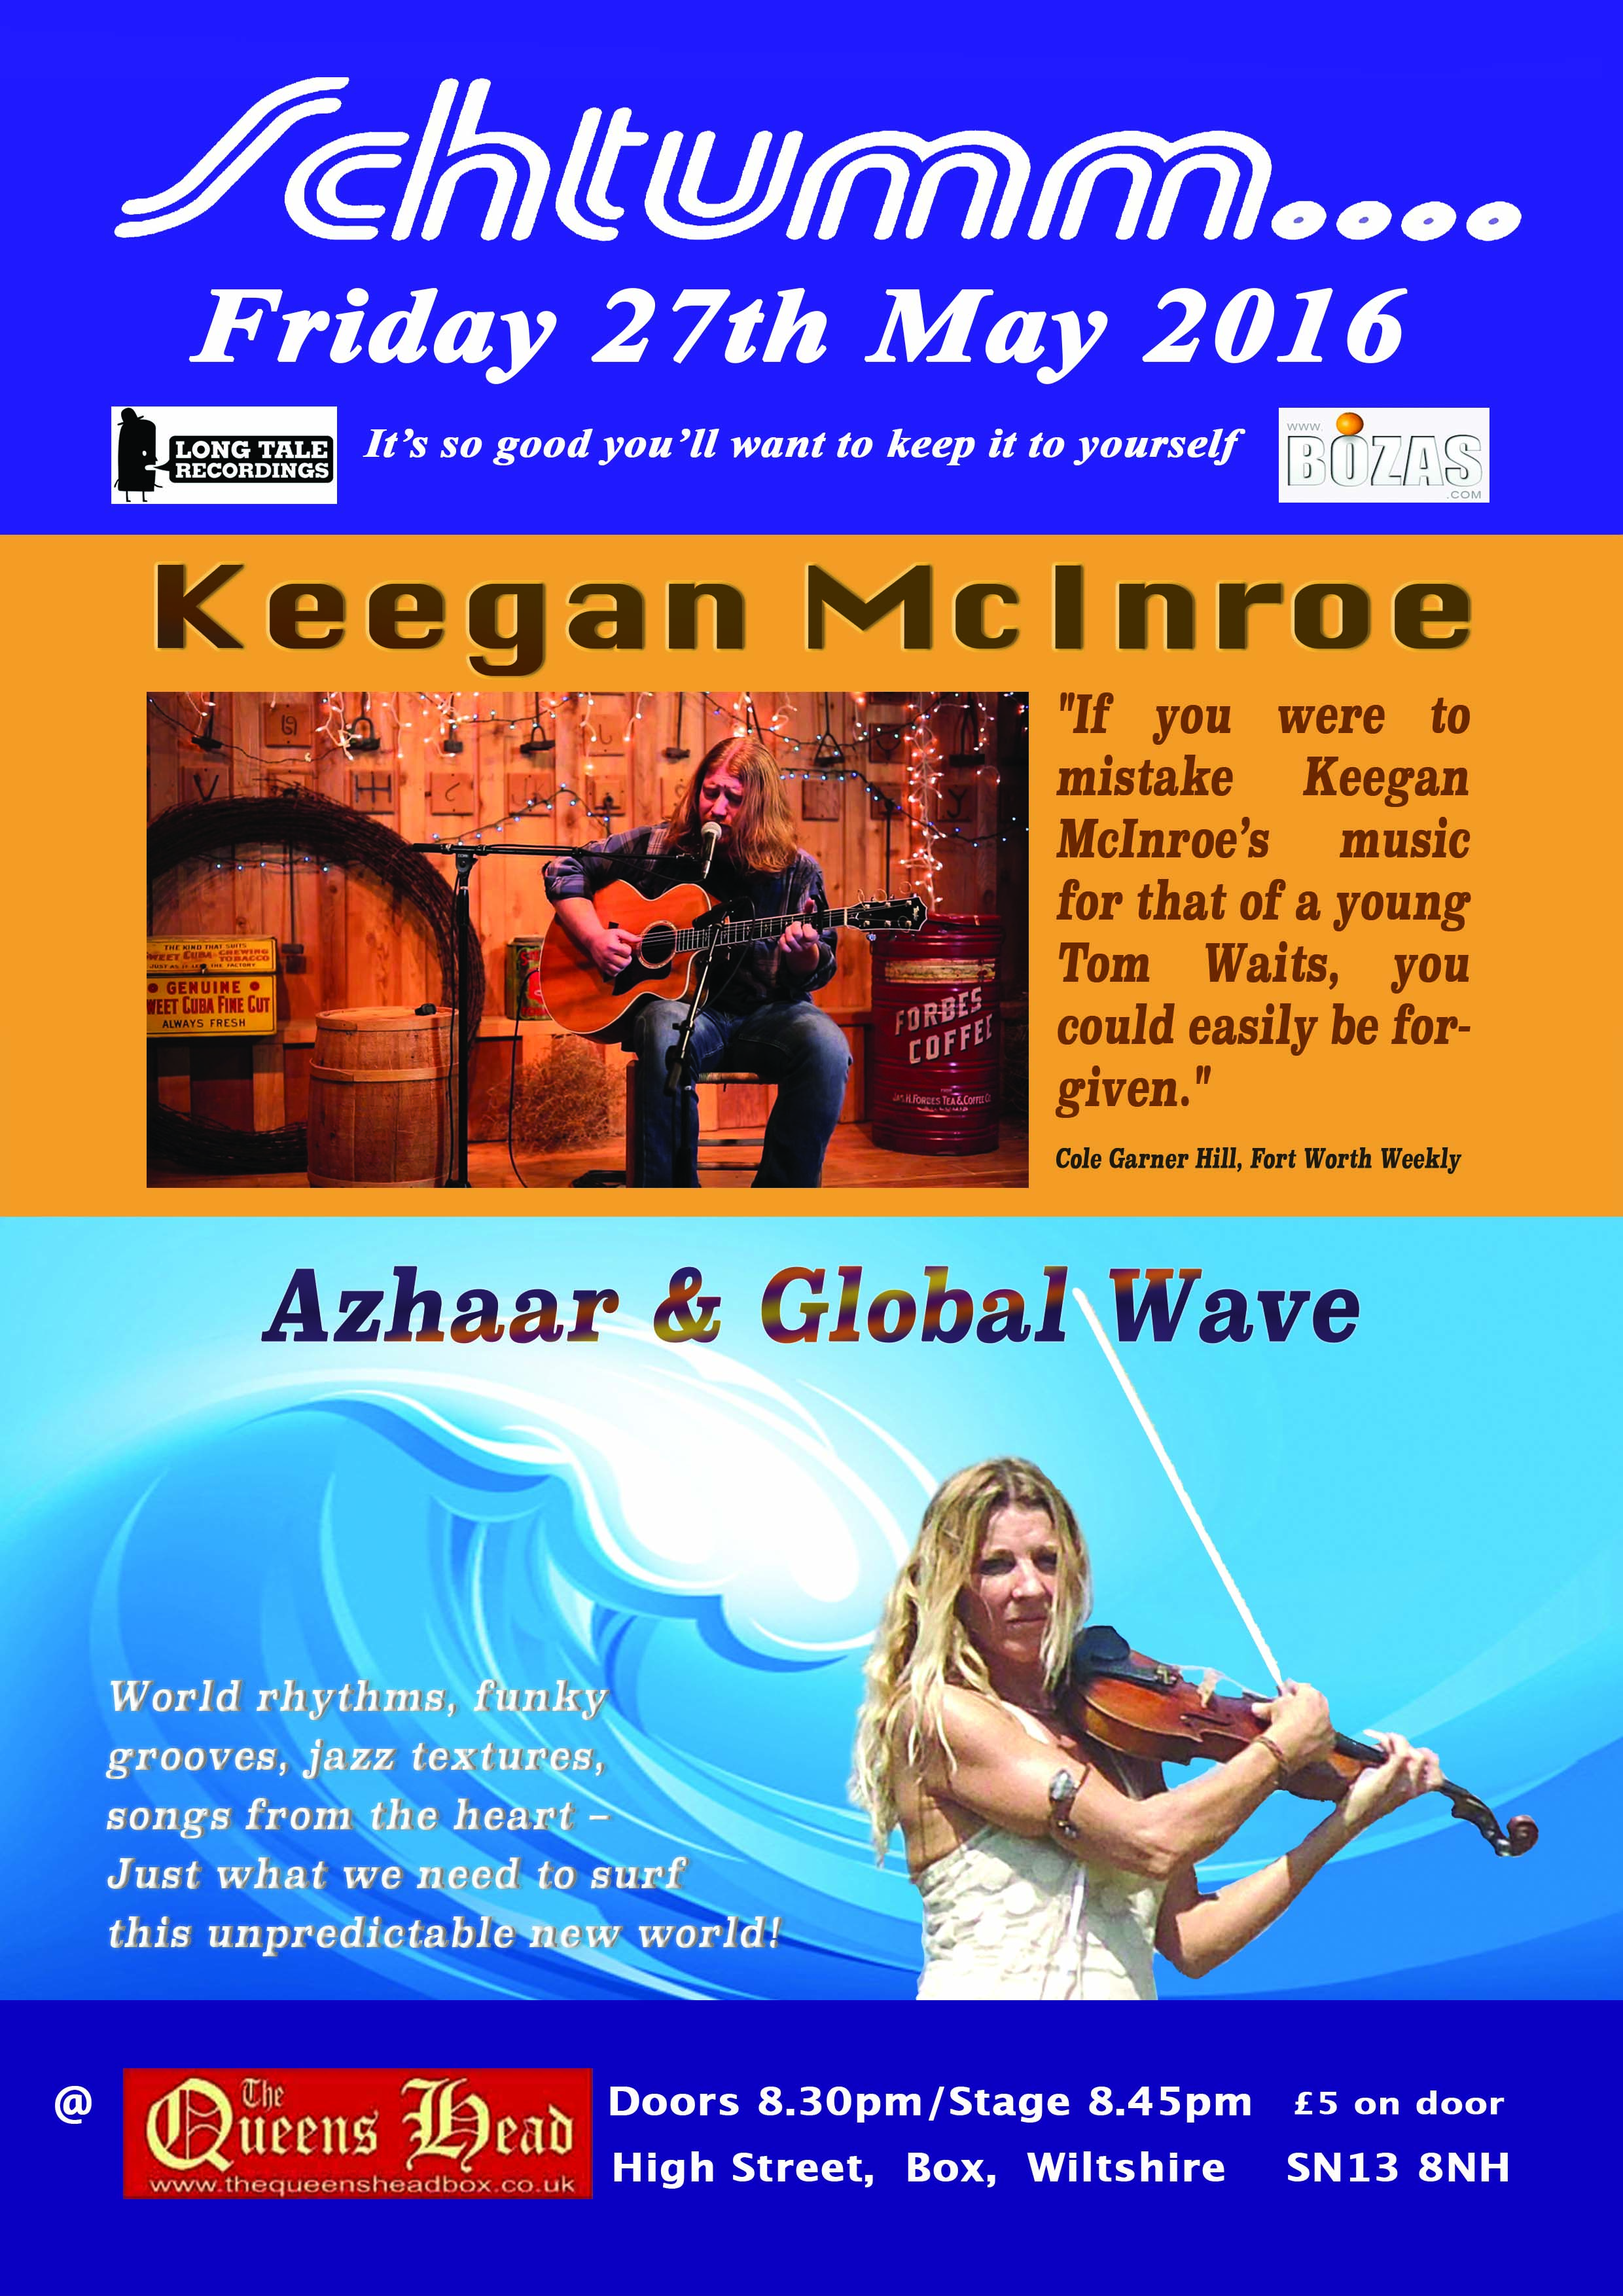 Schtumm May 27th 2016 Poster d3 Azhaar Global Wave